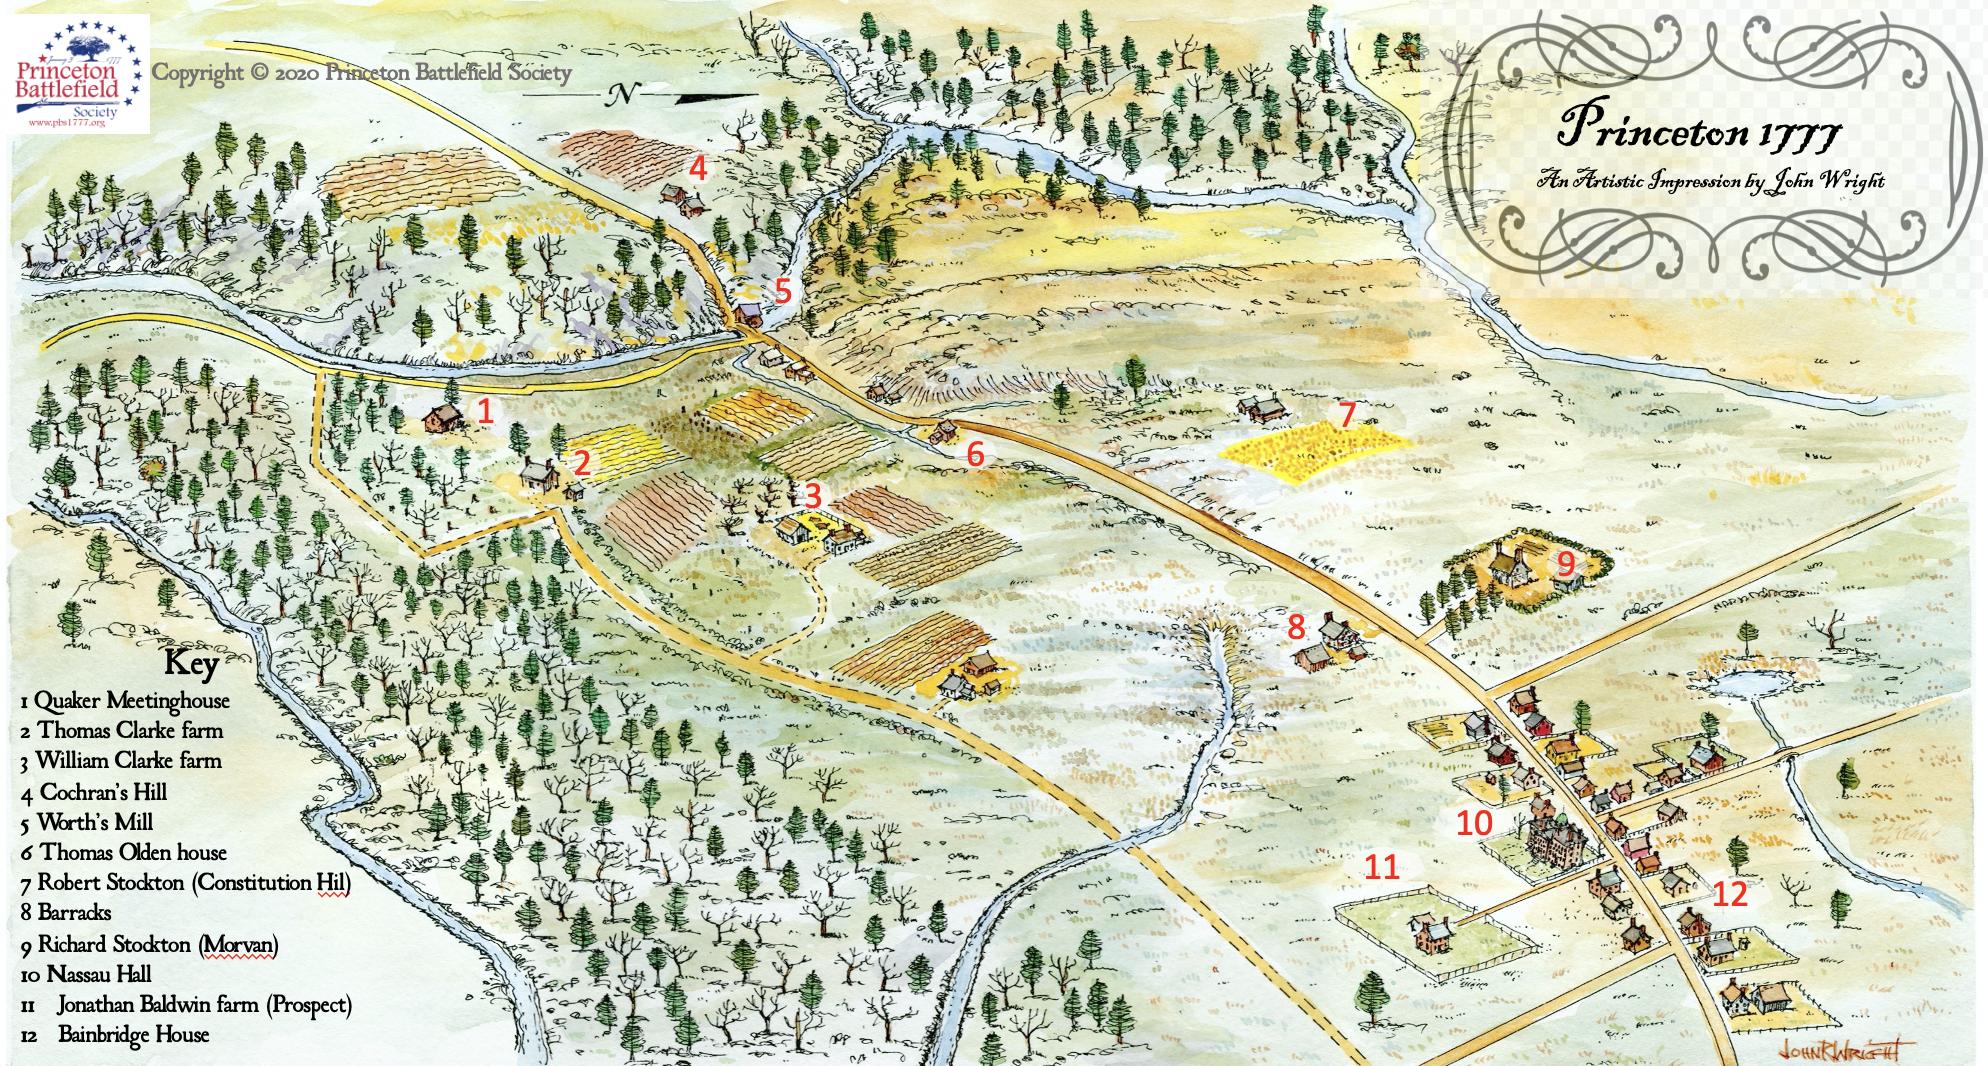 John Wright Map Princeton 1777